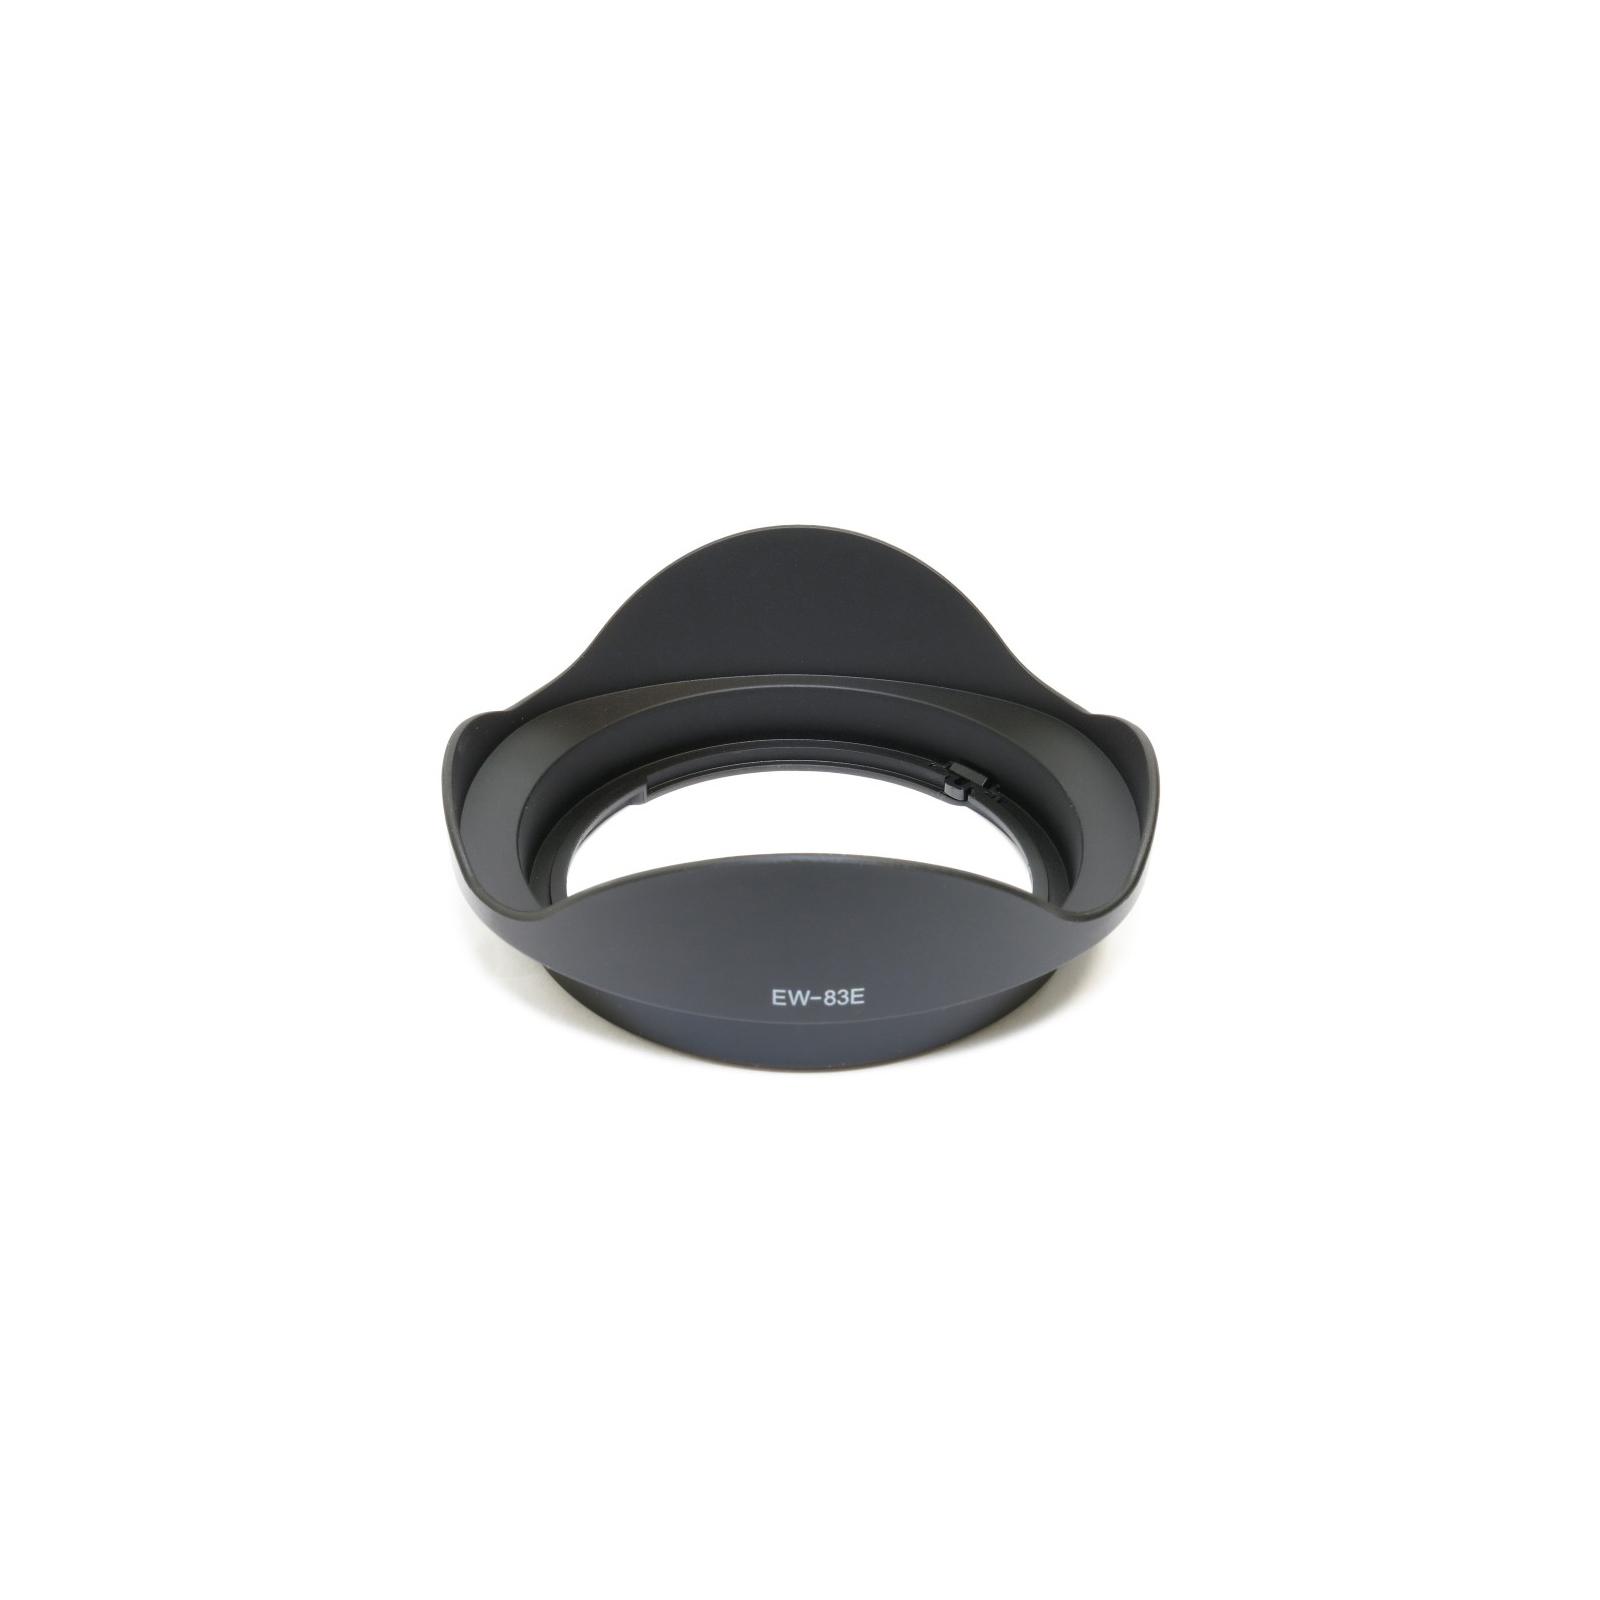 Бленда к объективу EXTRADIGITAL EW-83E (LHC3706) изображение 2